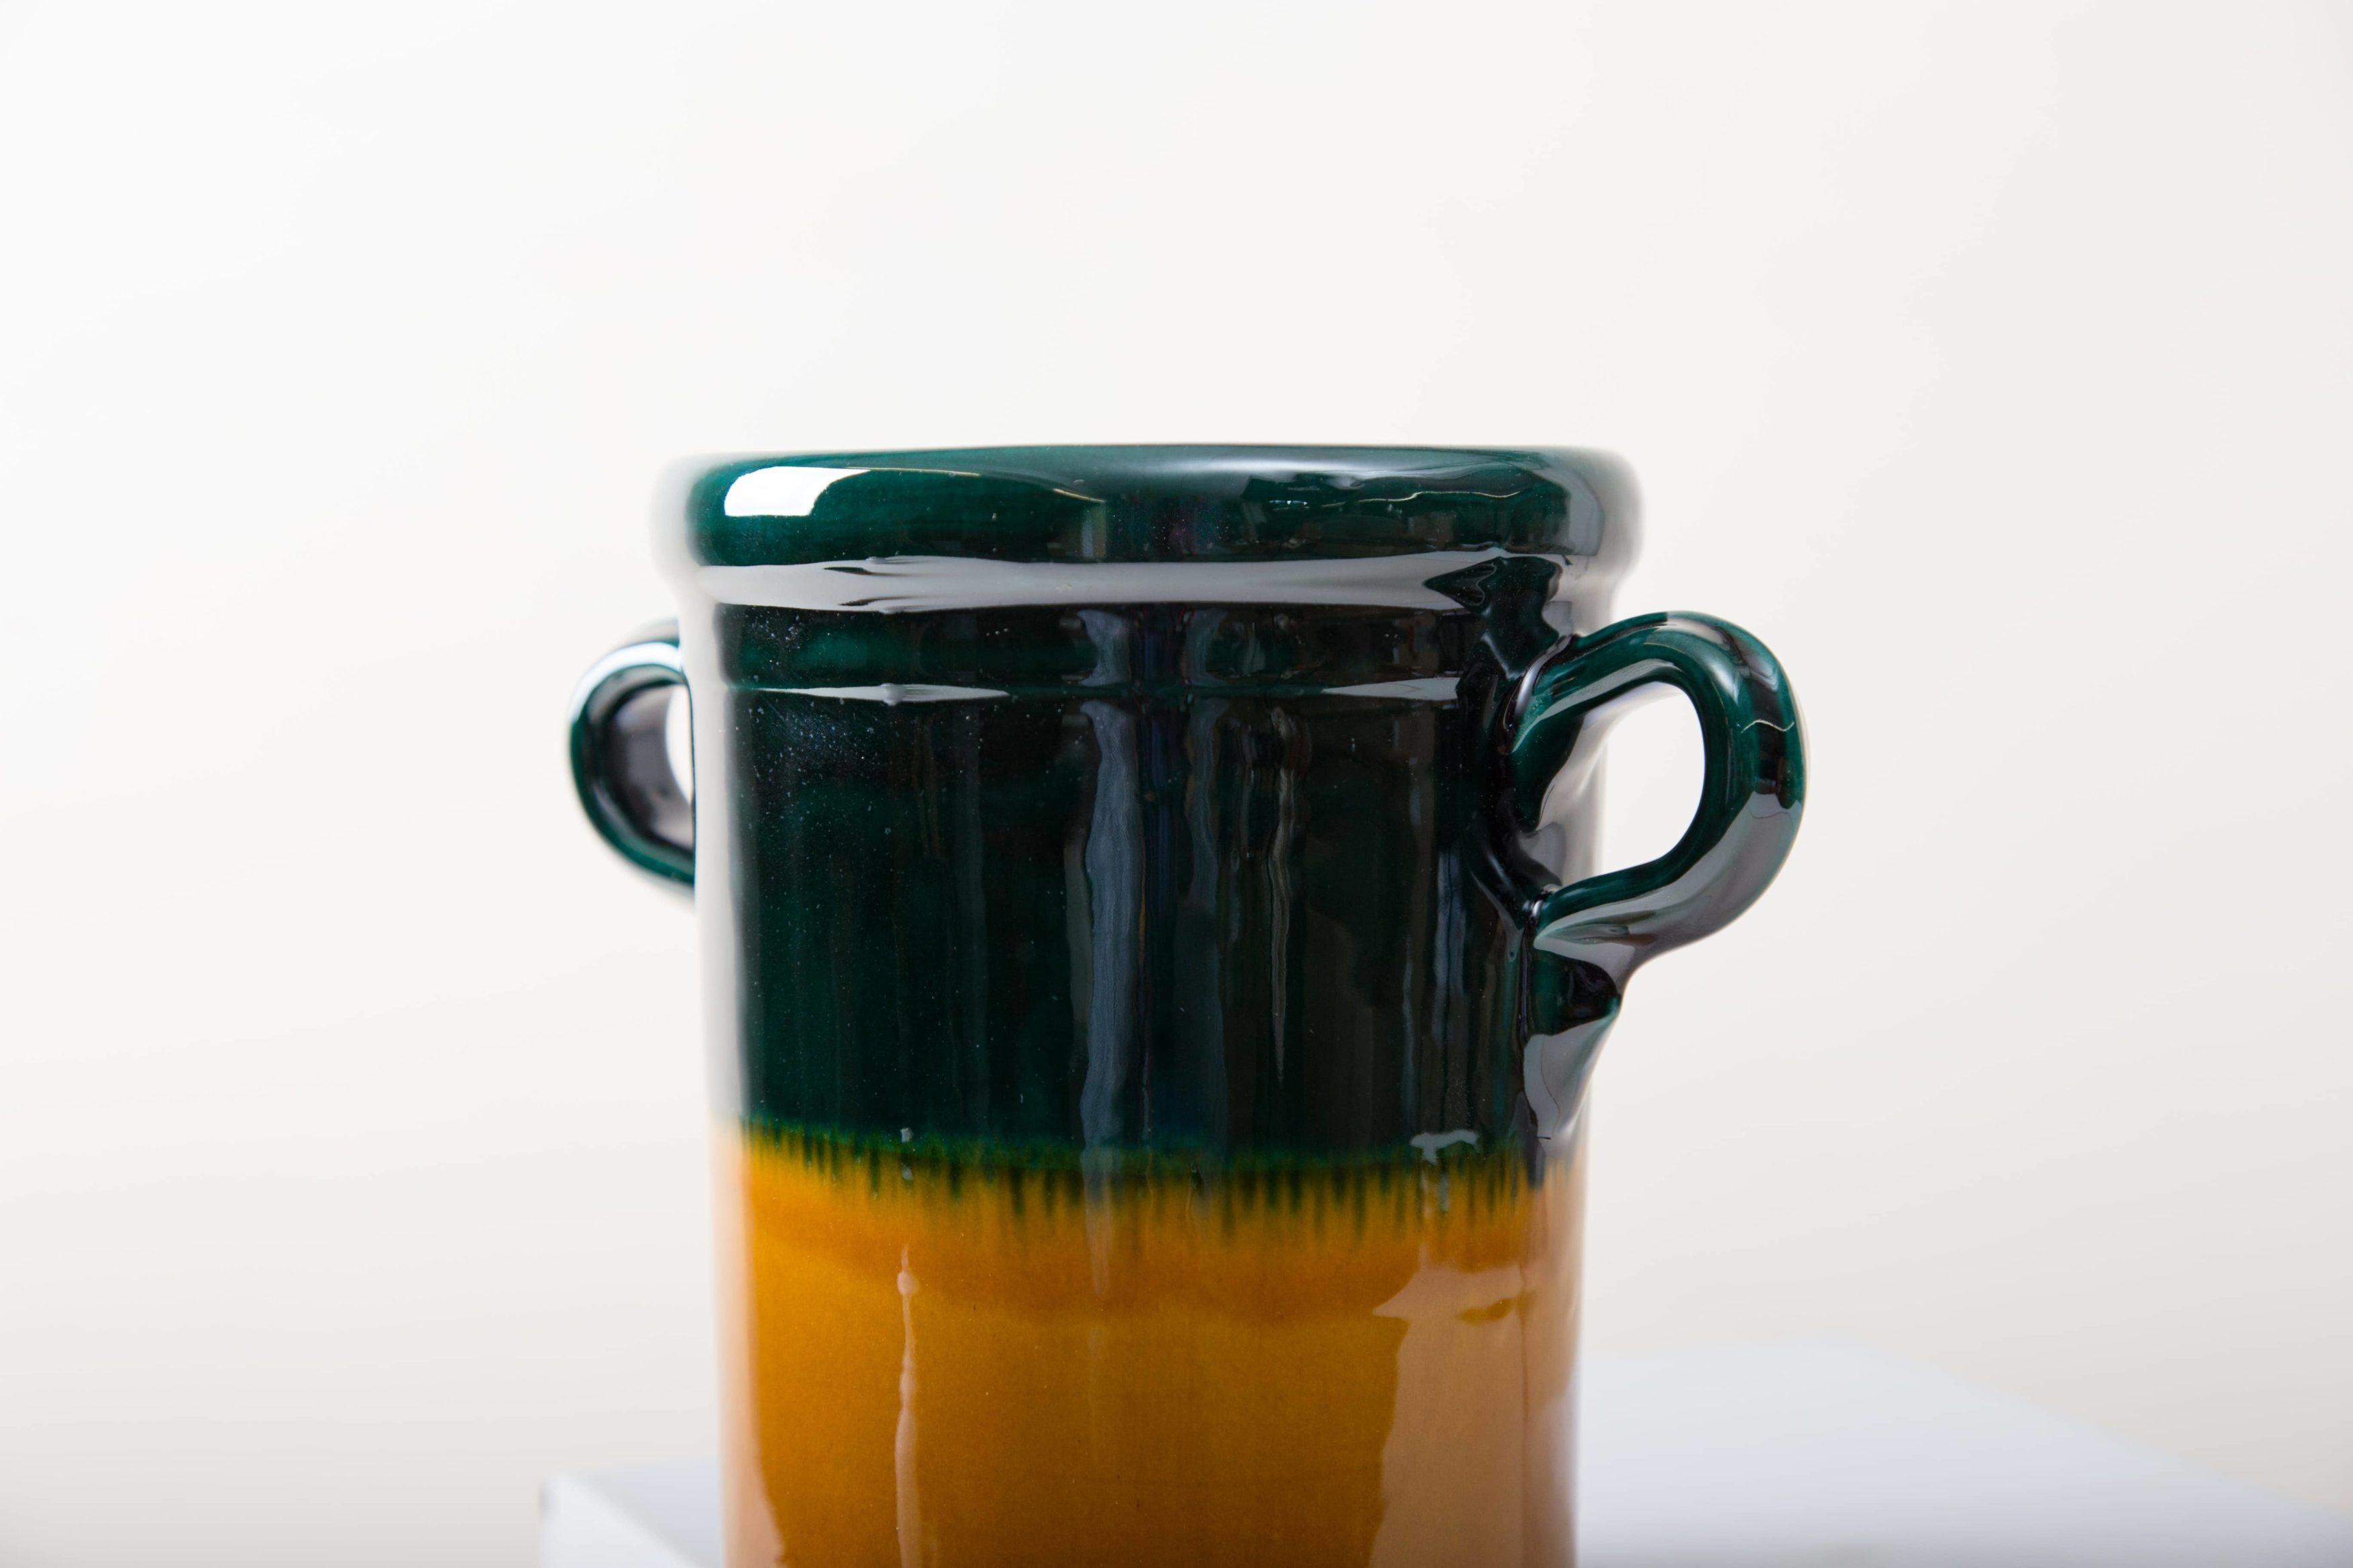 Diese moderne Vase hat eine wunderschöne grün, braune Färbung. Colome ist eine elegante Ergänzung der Dekoration auf jedem Tisch. Ob mit einem netten Strauß, als Bestecktaufbewarung oder mit Süssigkeiten gefüllt, Vase Colome lässt sich wunderbar kombinieren und vielseitig einsetzen.